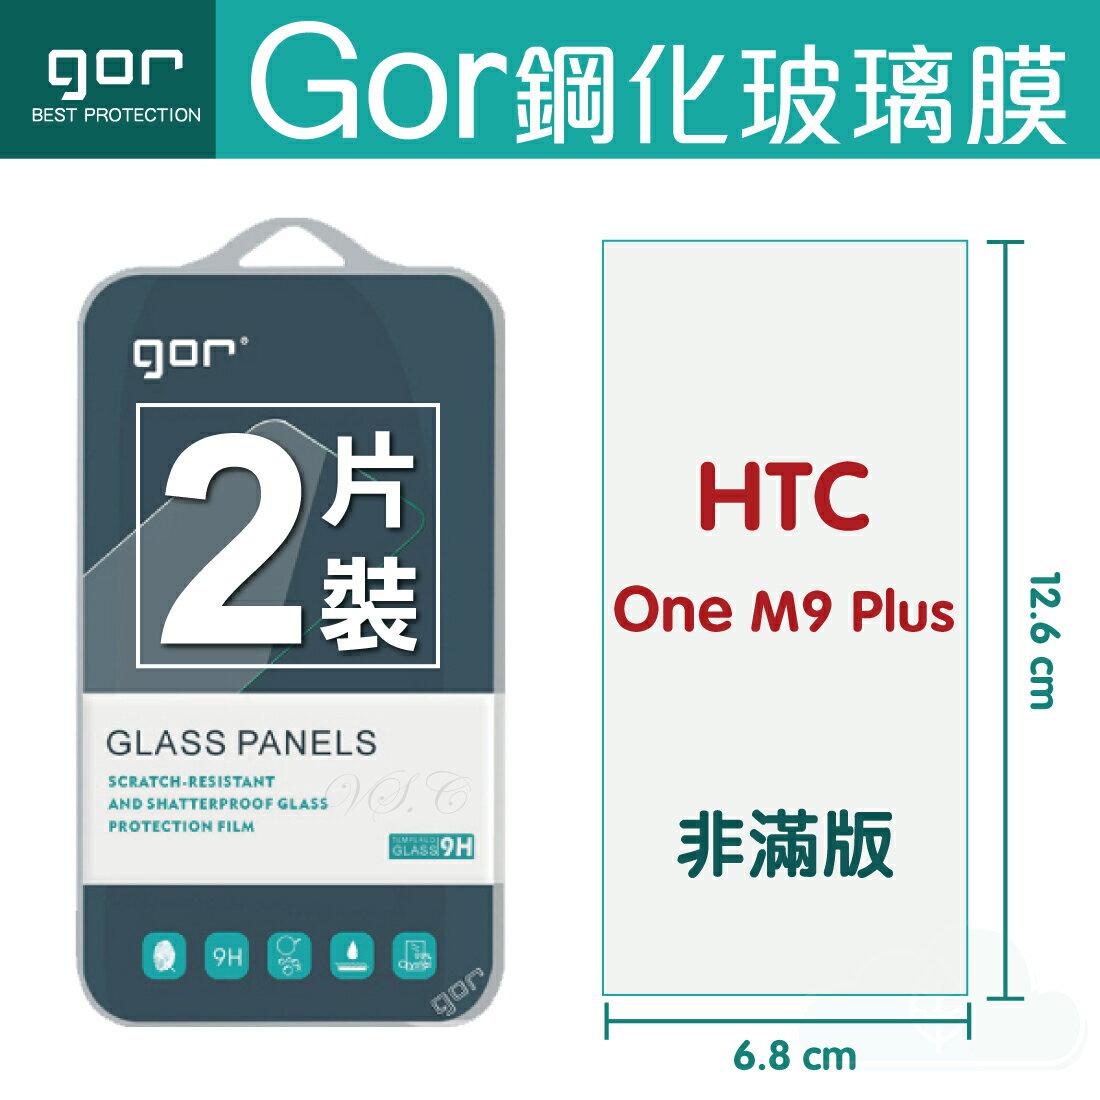 【HTC】GOR 9H HTC One M9 PLUS / M9+ 鋼化 玻璃 保護貼 全透明非滿版 兩片裝 【全館滿299免運費】